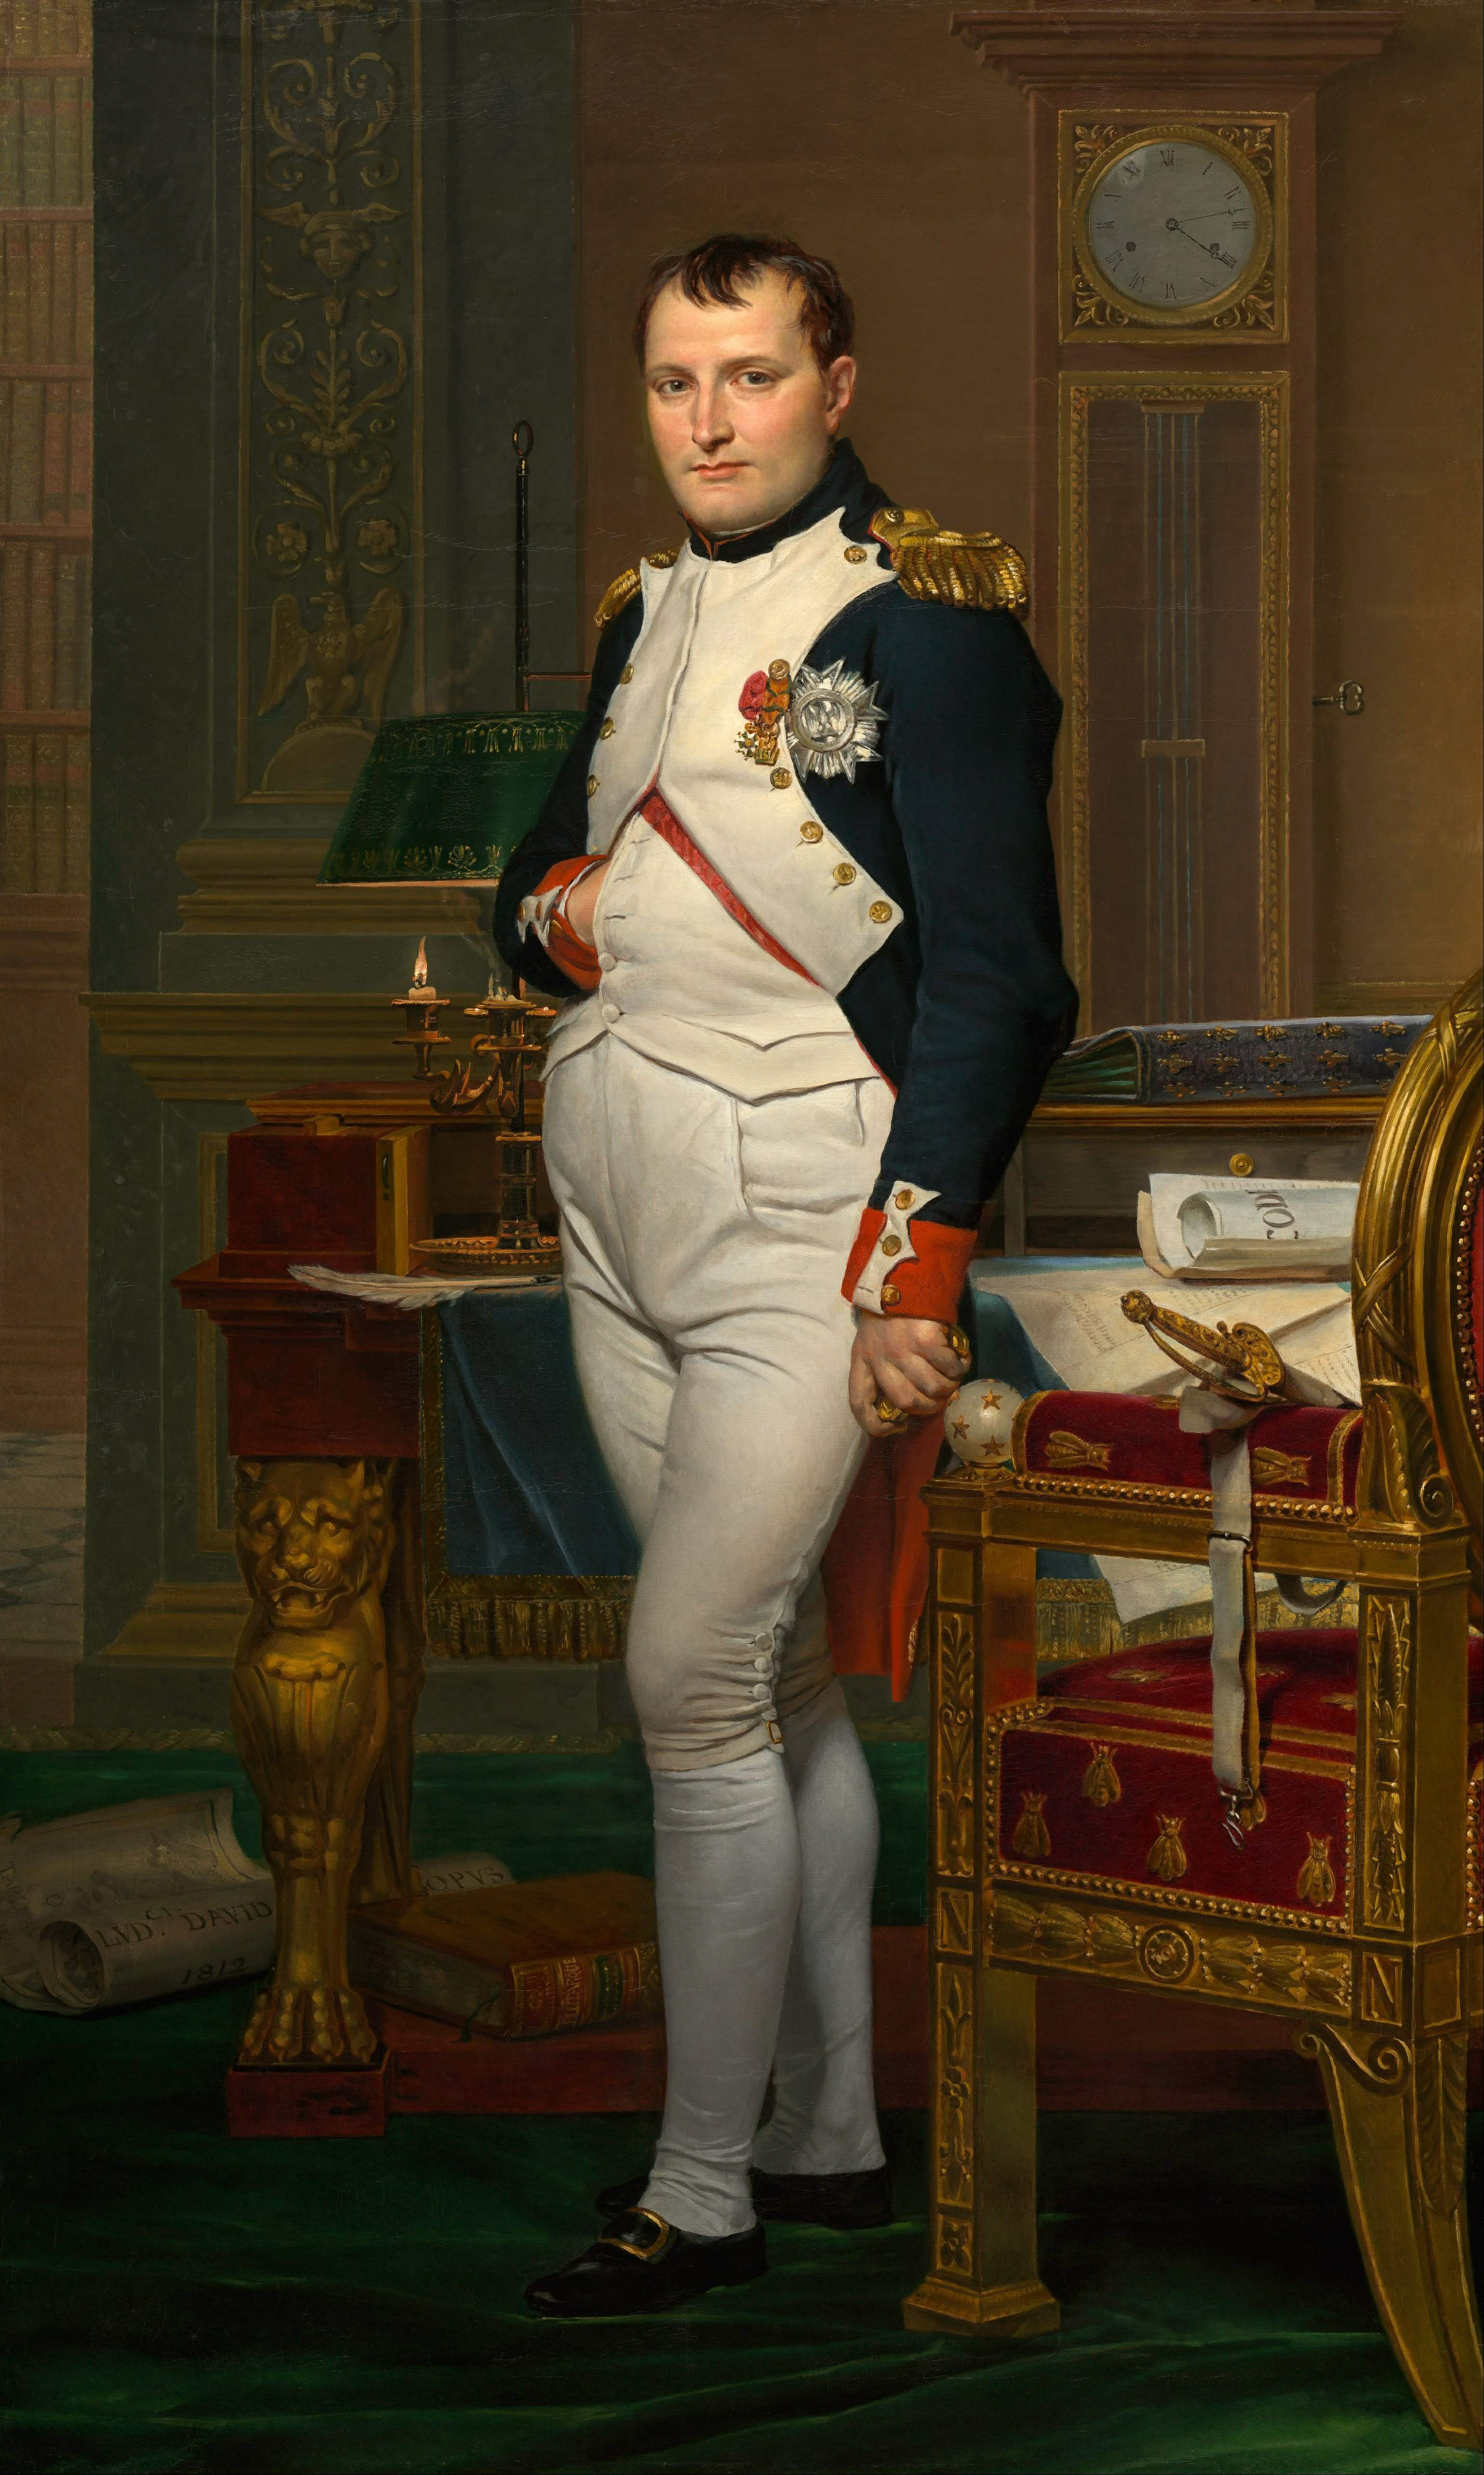 Bonaparte Napóleon - Olvass érdekességeket!